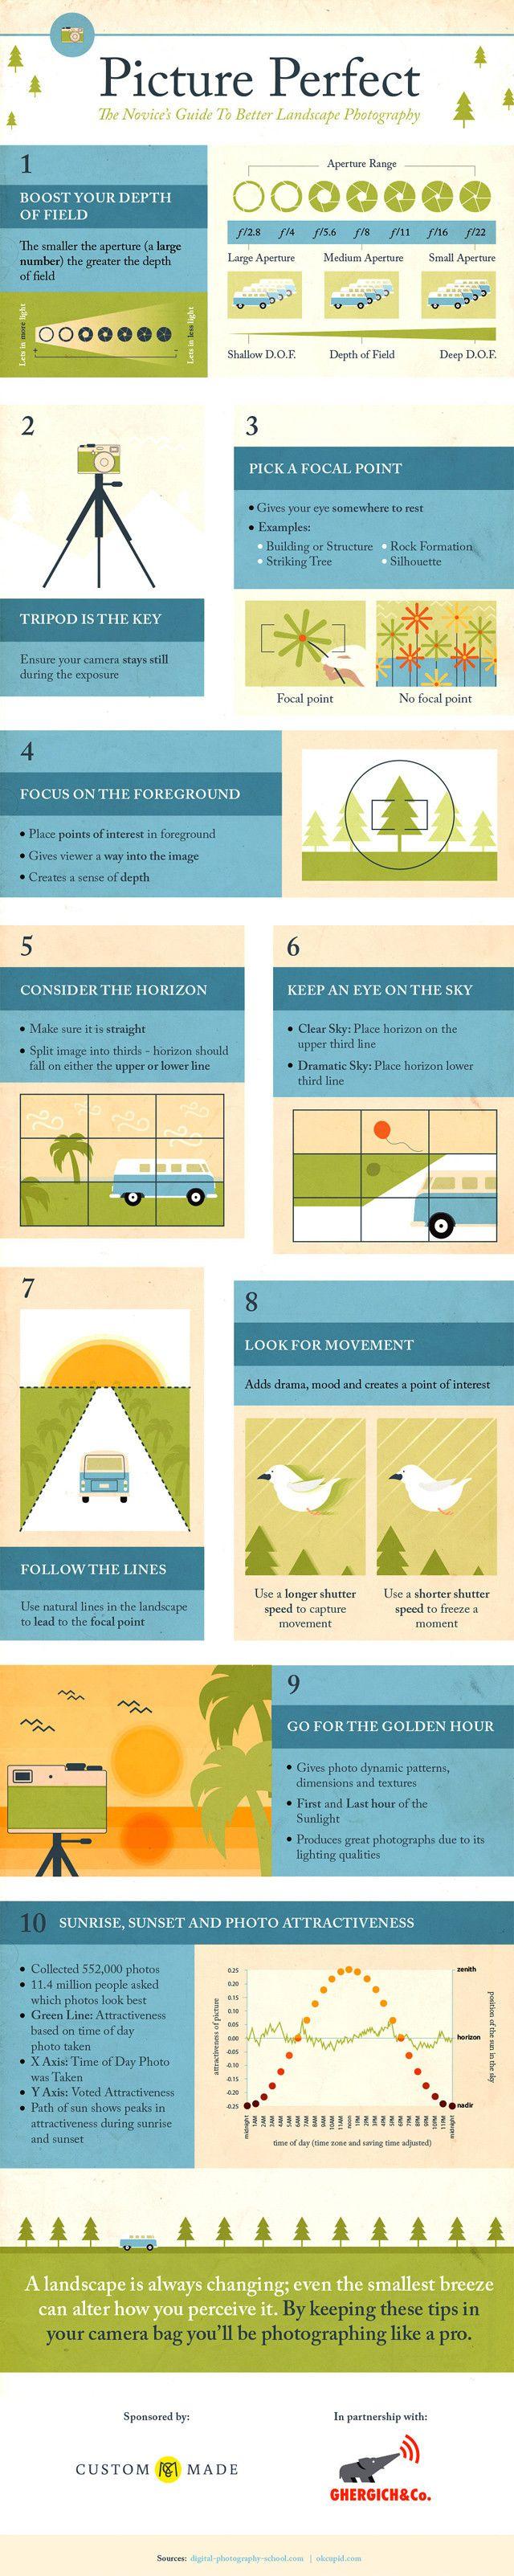 Das perfekte #Foto: Eine Anleitung zur #Landschaftsfotografie für Anfänger – #Infografik | Picture Perfect: The Novice's Guide to Landscape Photography – #Infographic